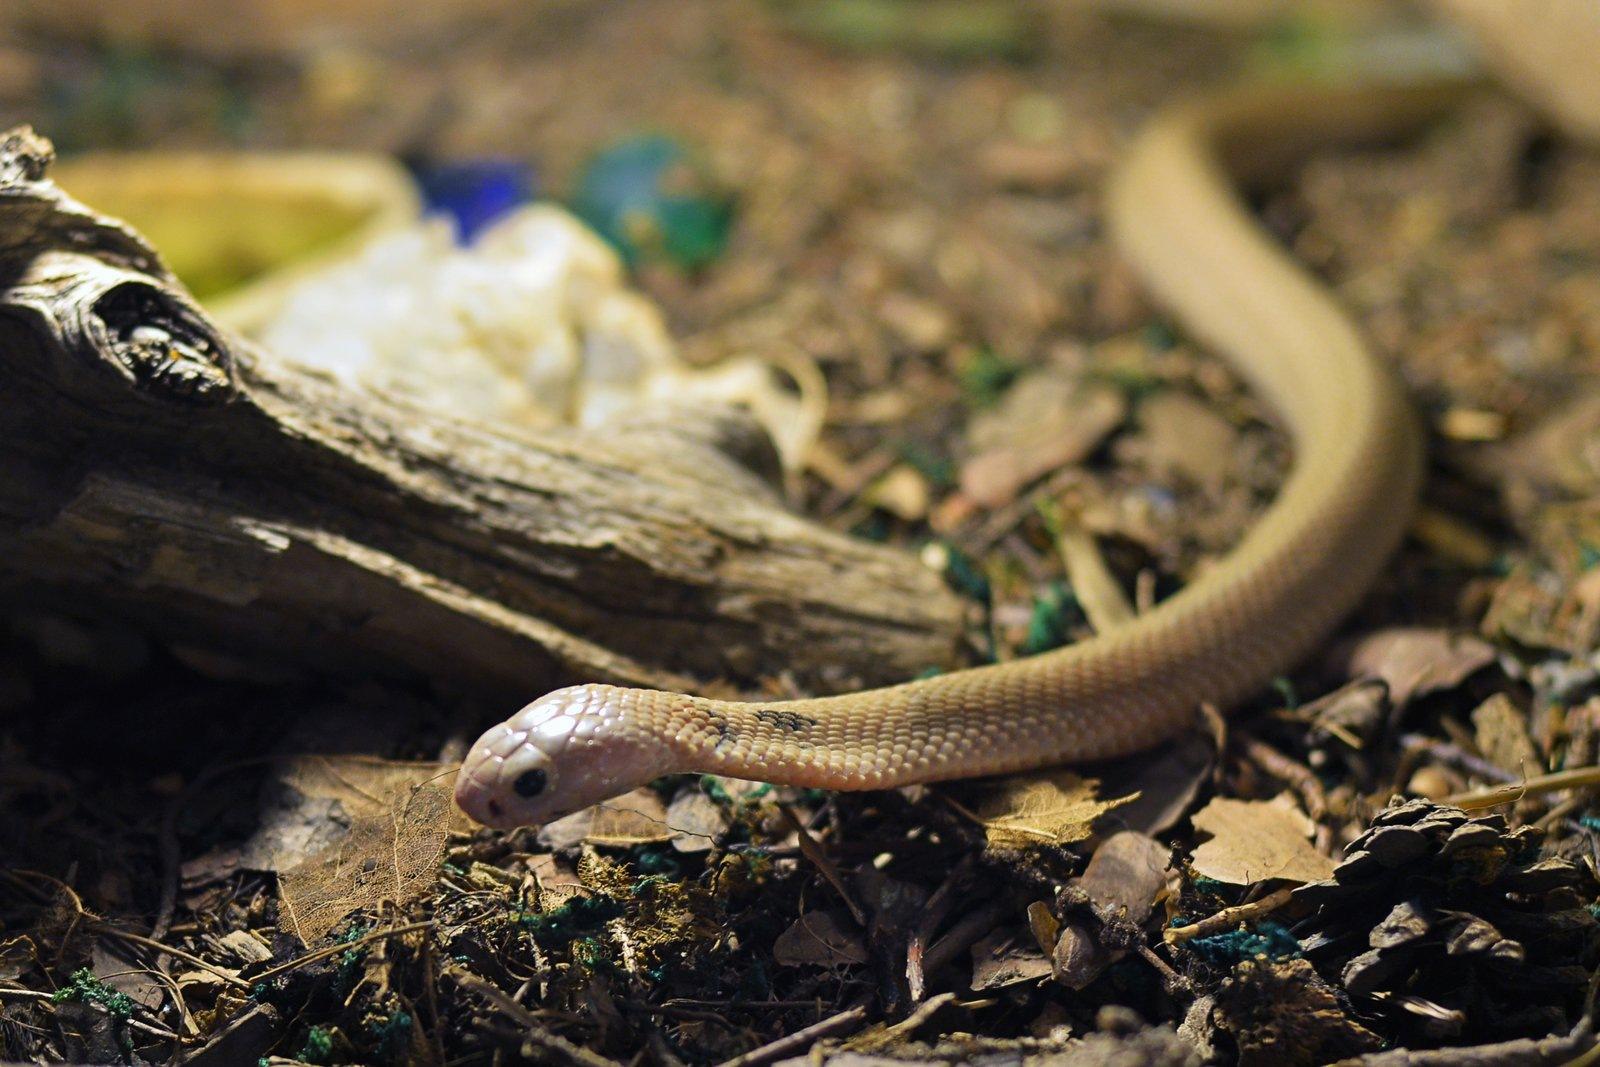 Little cobra by Mitja Derenda